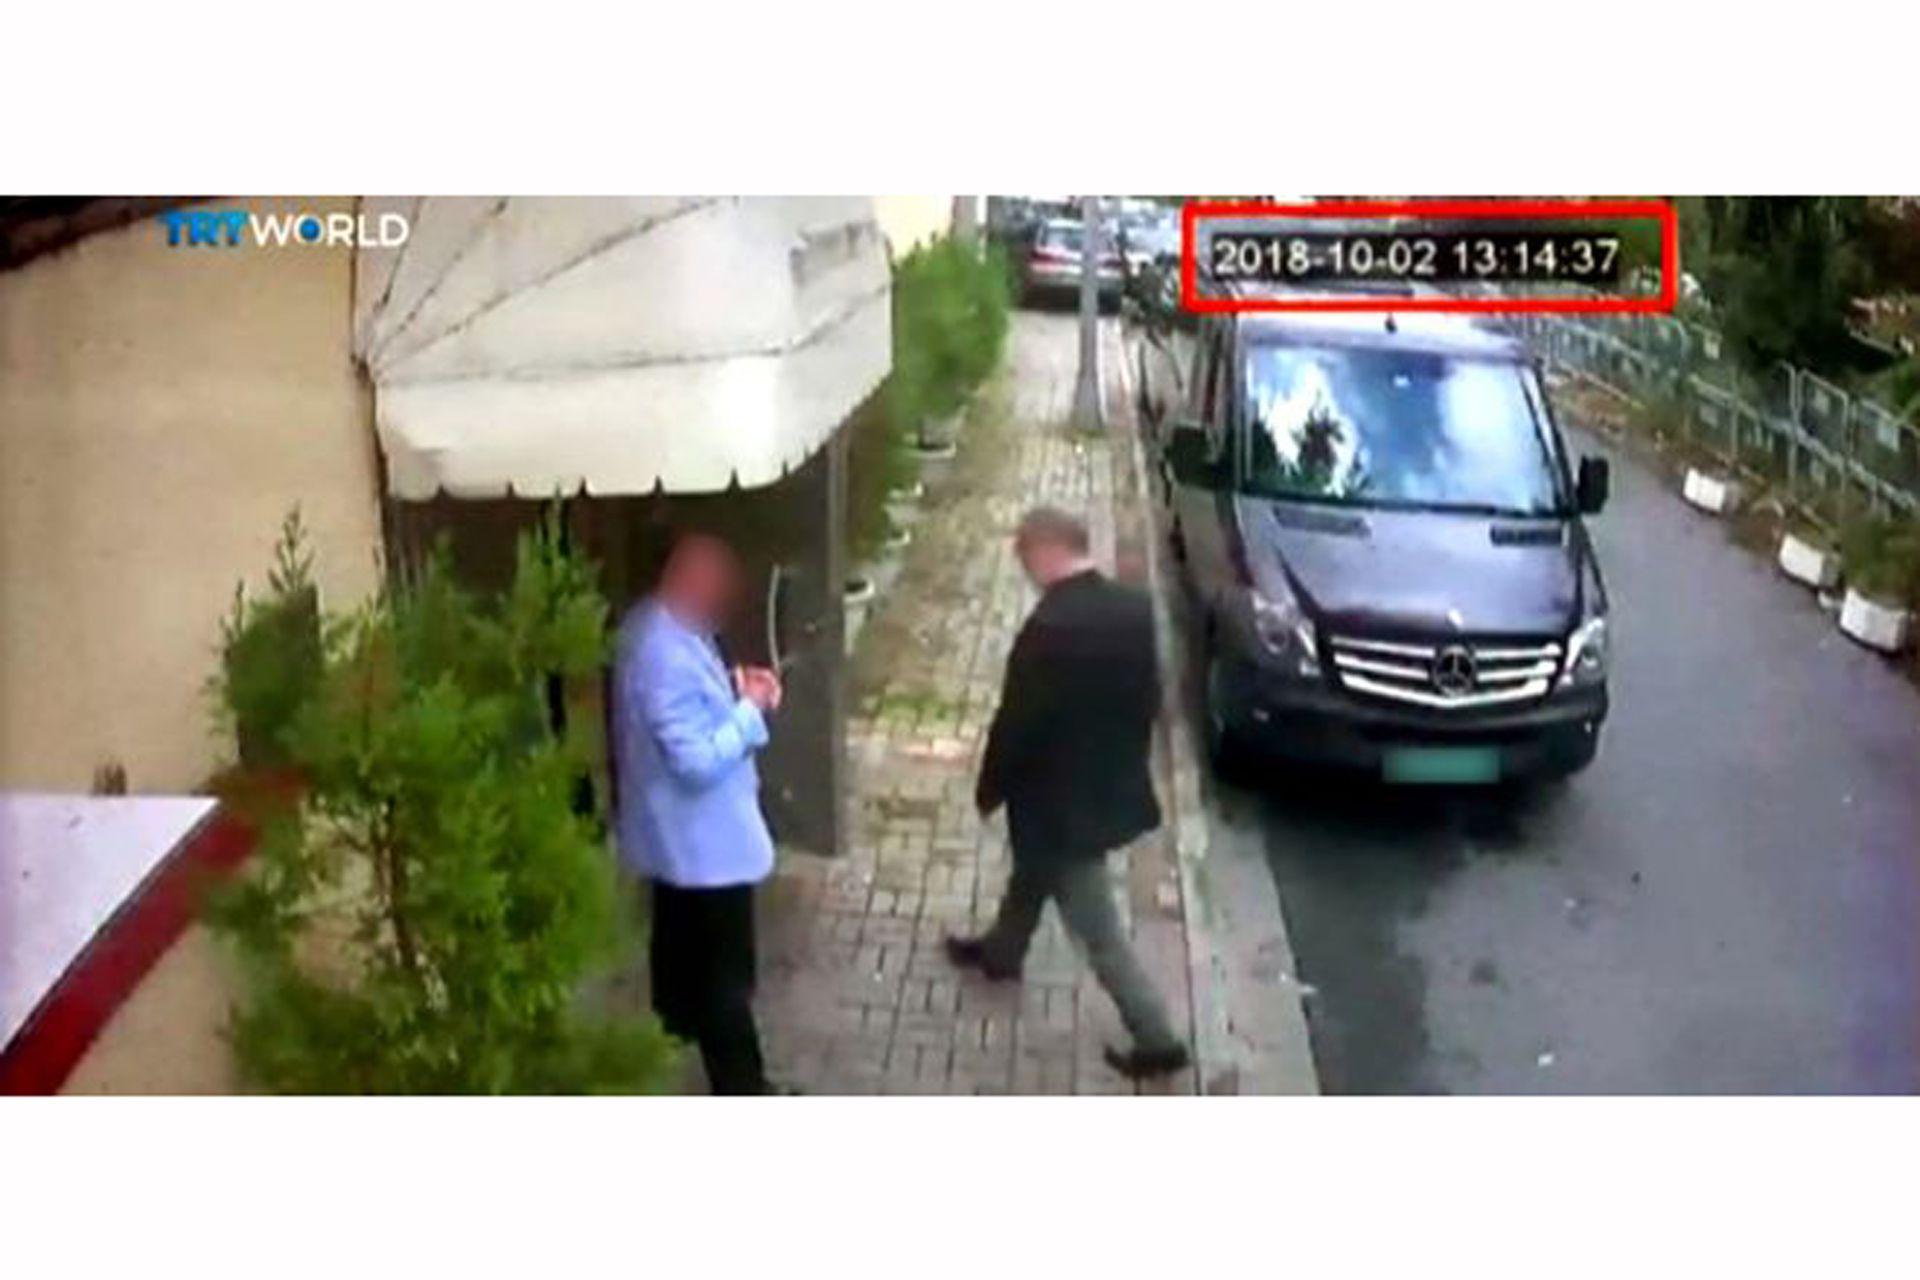 Jamal Khashoggi entró en el consulado de Arabia Saudita en Estambul, Turquía, el 2 de octubre de 2018 y no volvió a salir